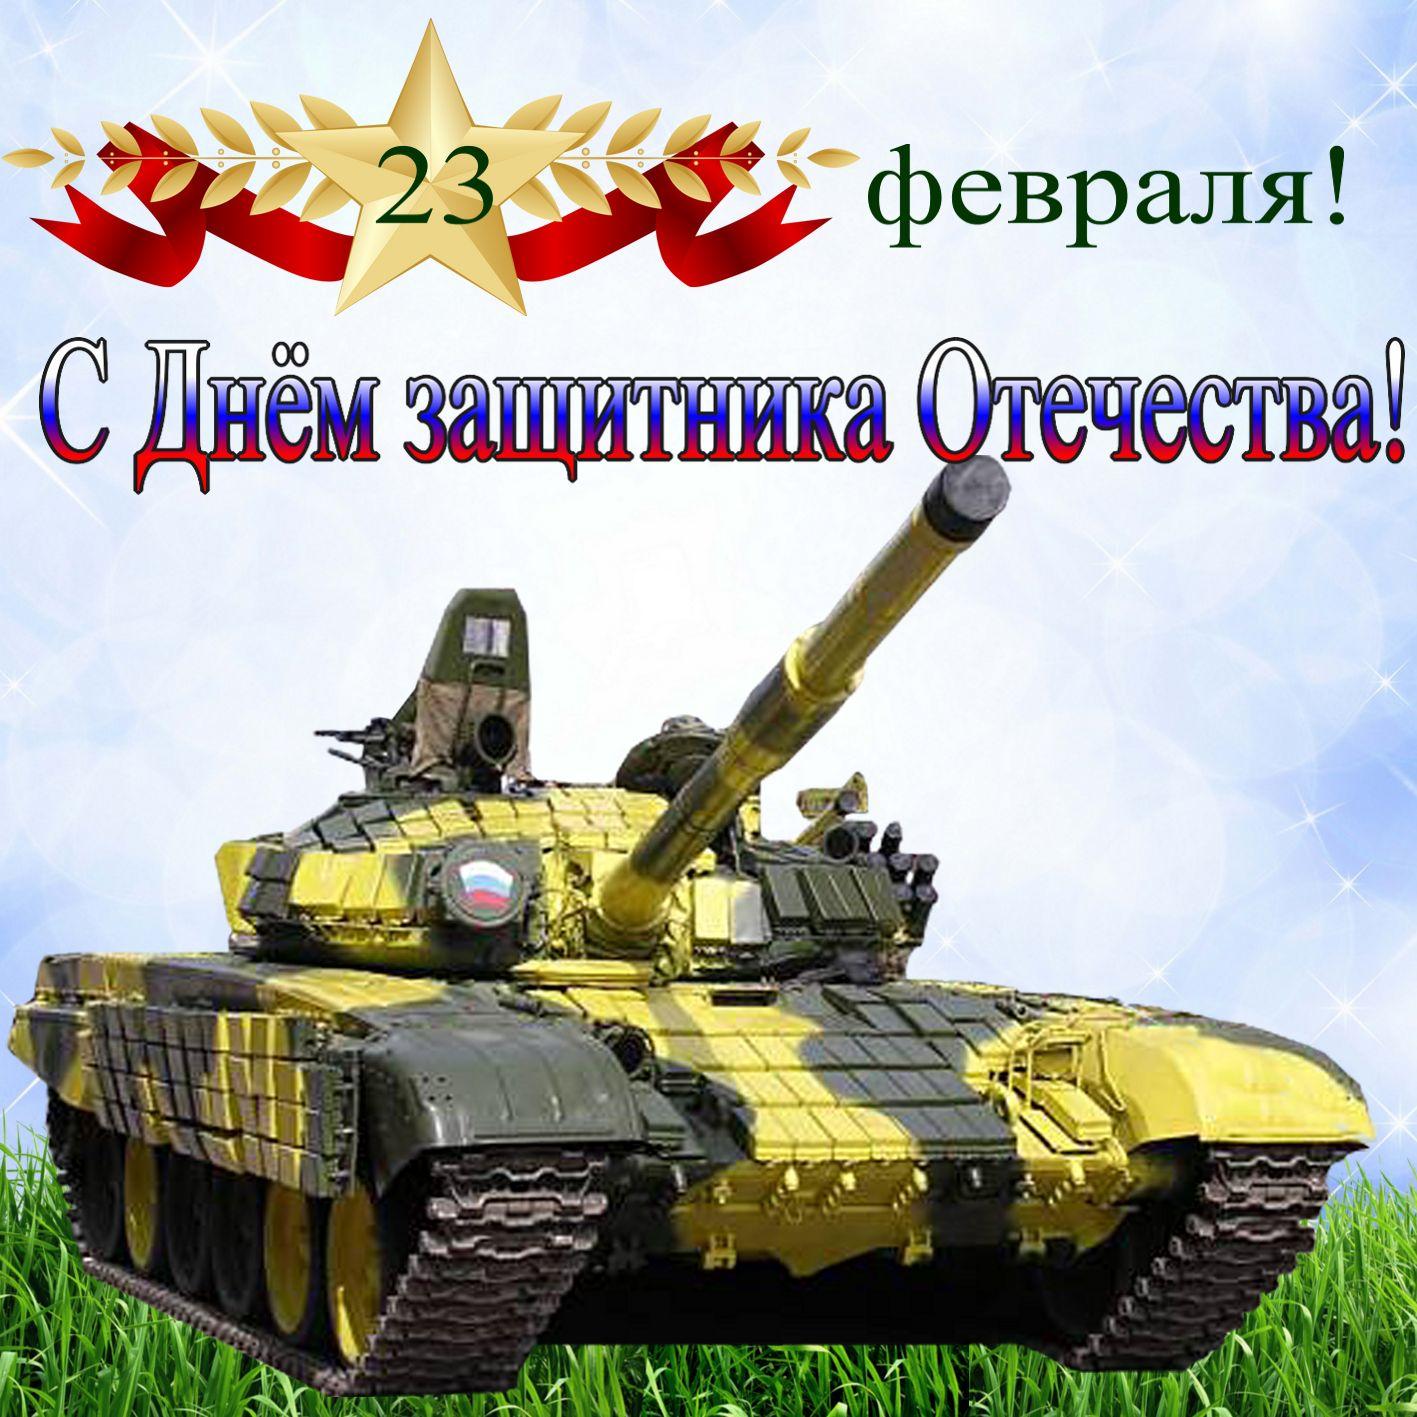 Открытка с 23 февраля - современный танк в защитной маскировке